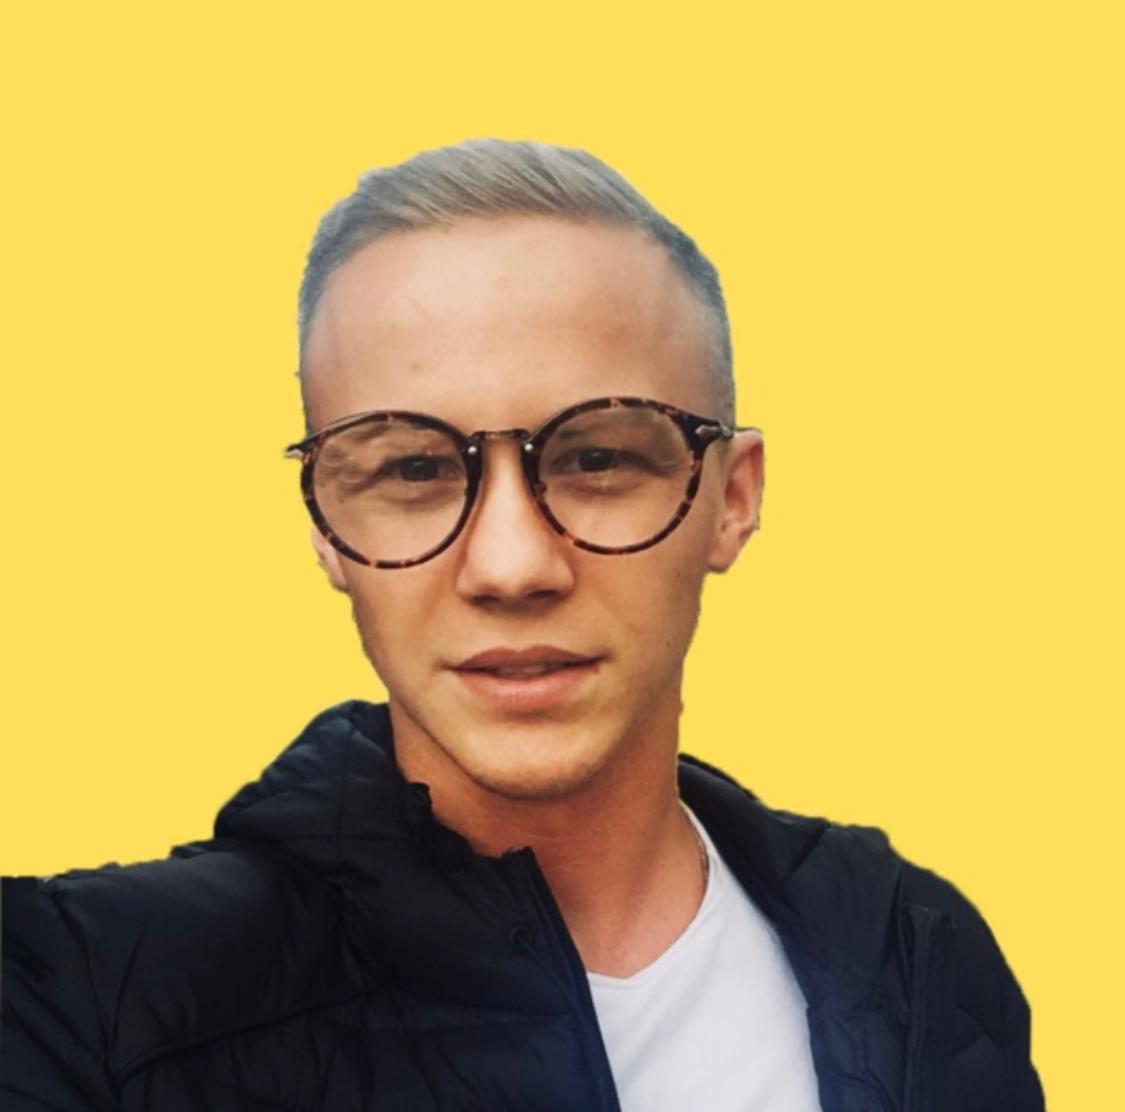 Andreas Bejm